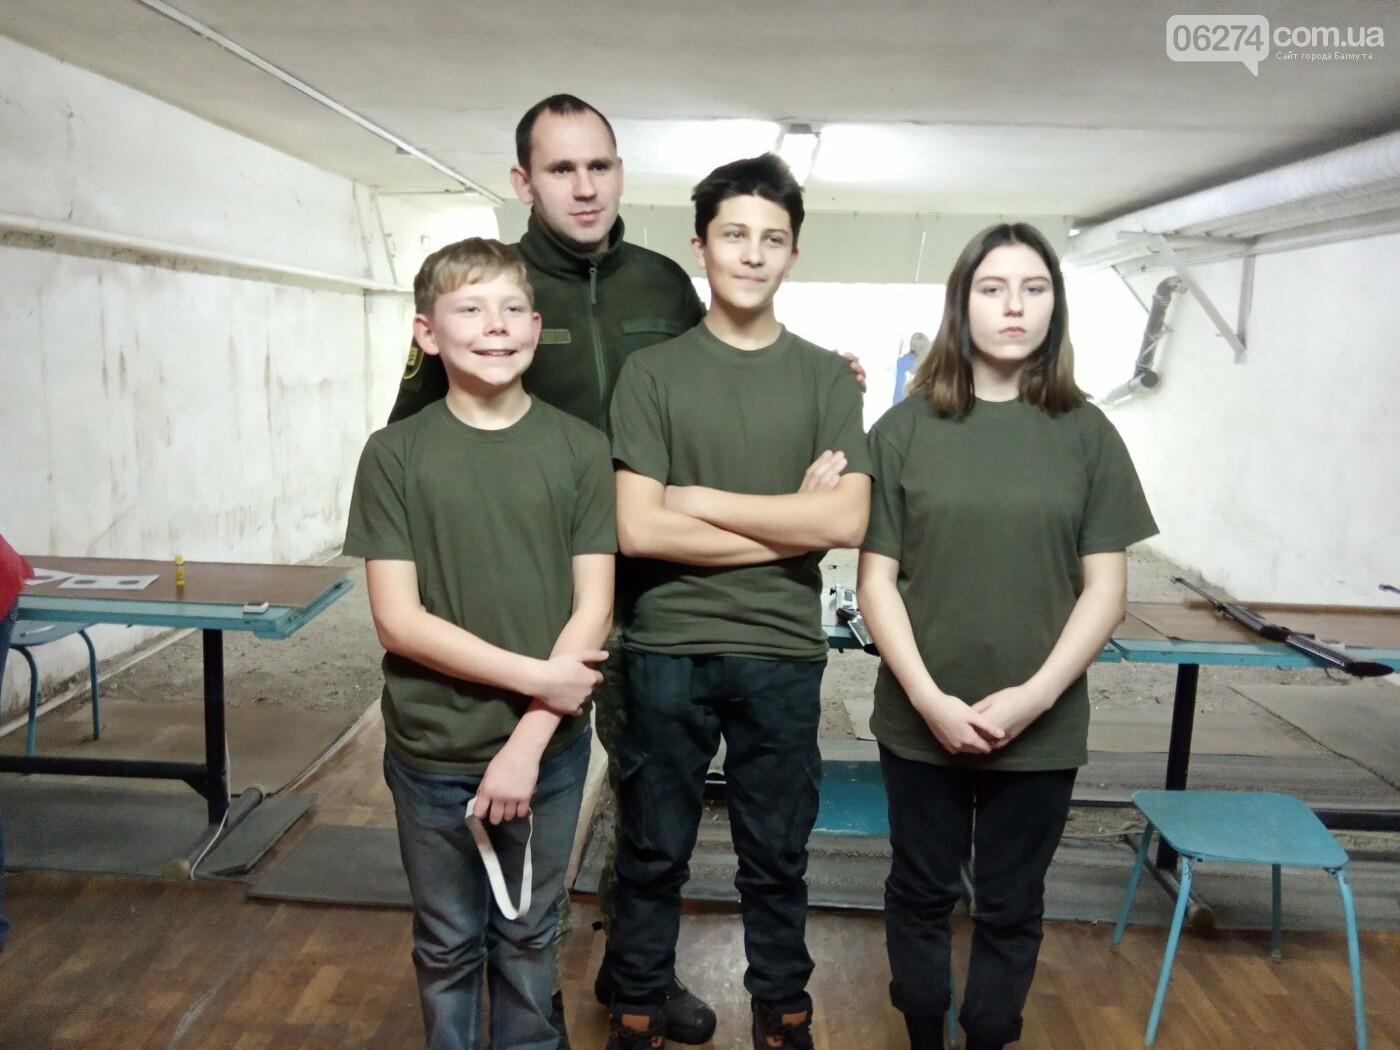 Школьники Бахмута соревновались в стрельбе, фото-9